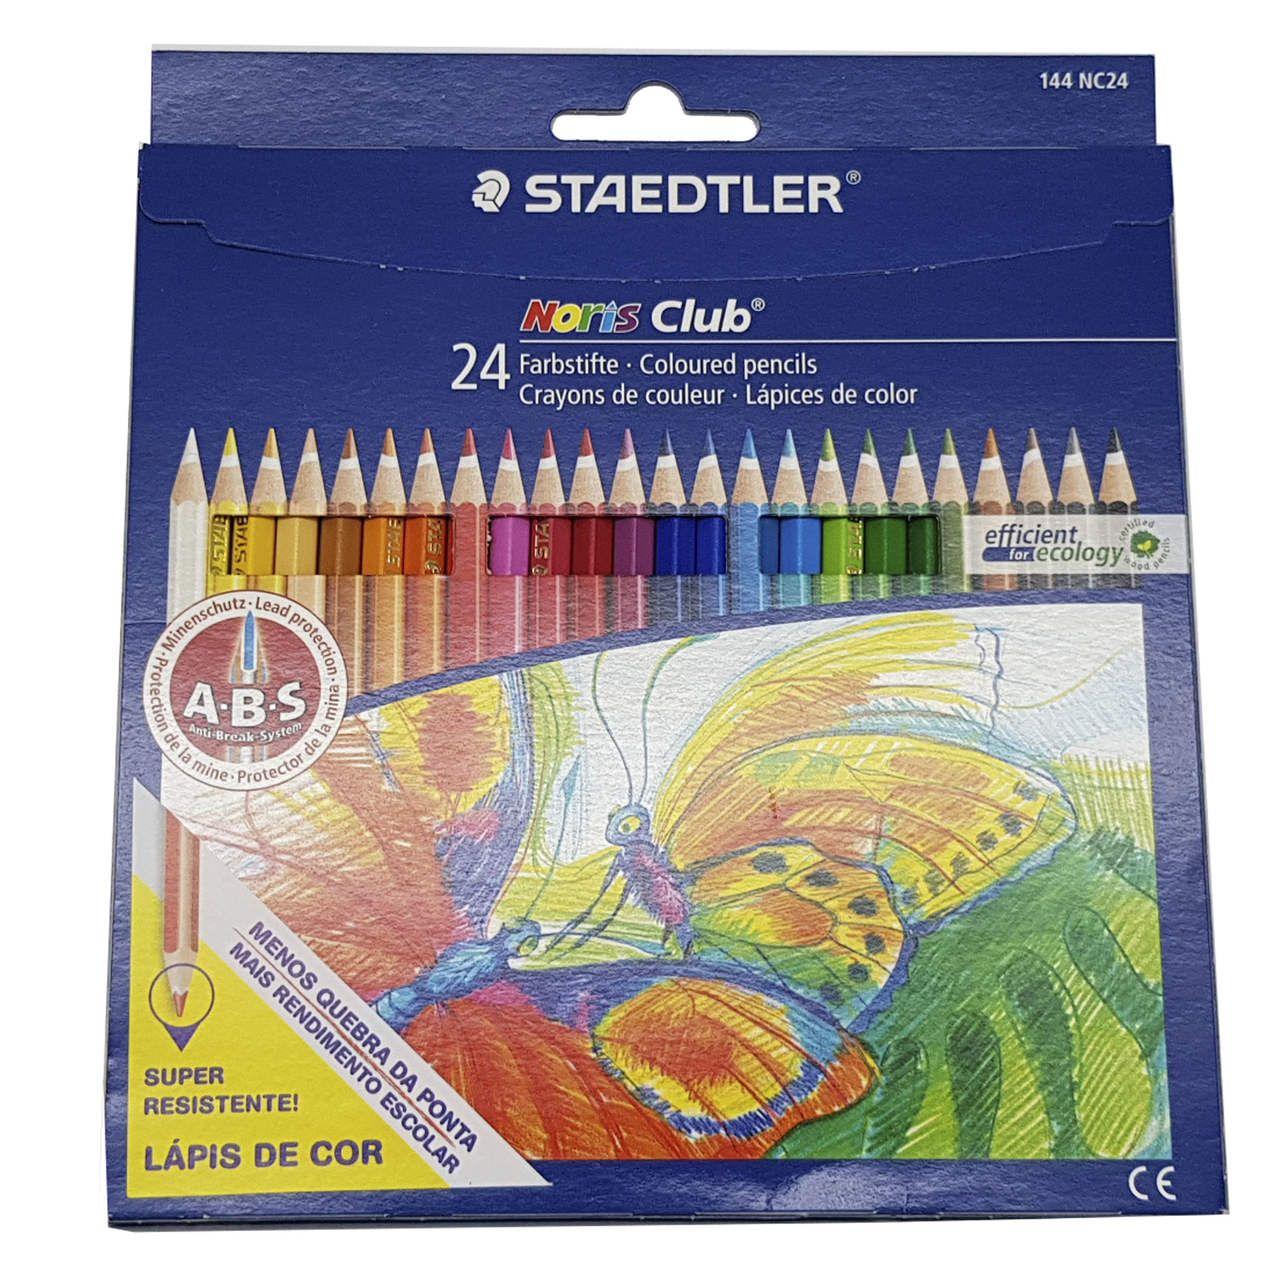 04bdf1df98 Lápis de cor Noris Club 144 - Caixa c  24 cores - Staedtler - PEN ...